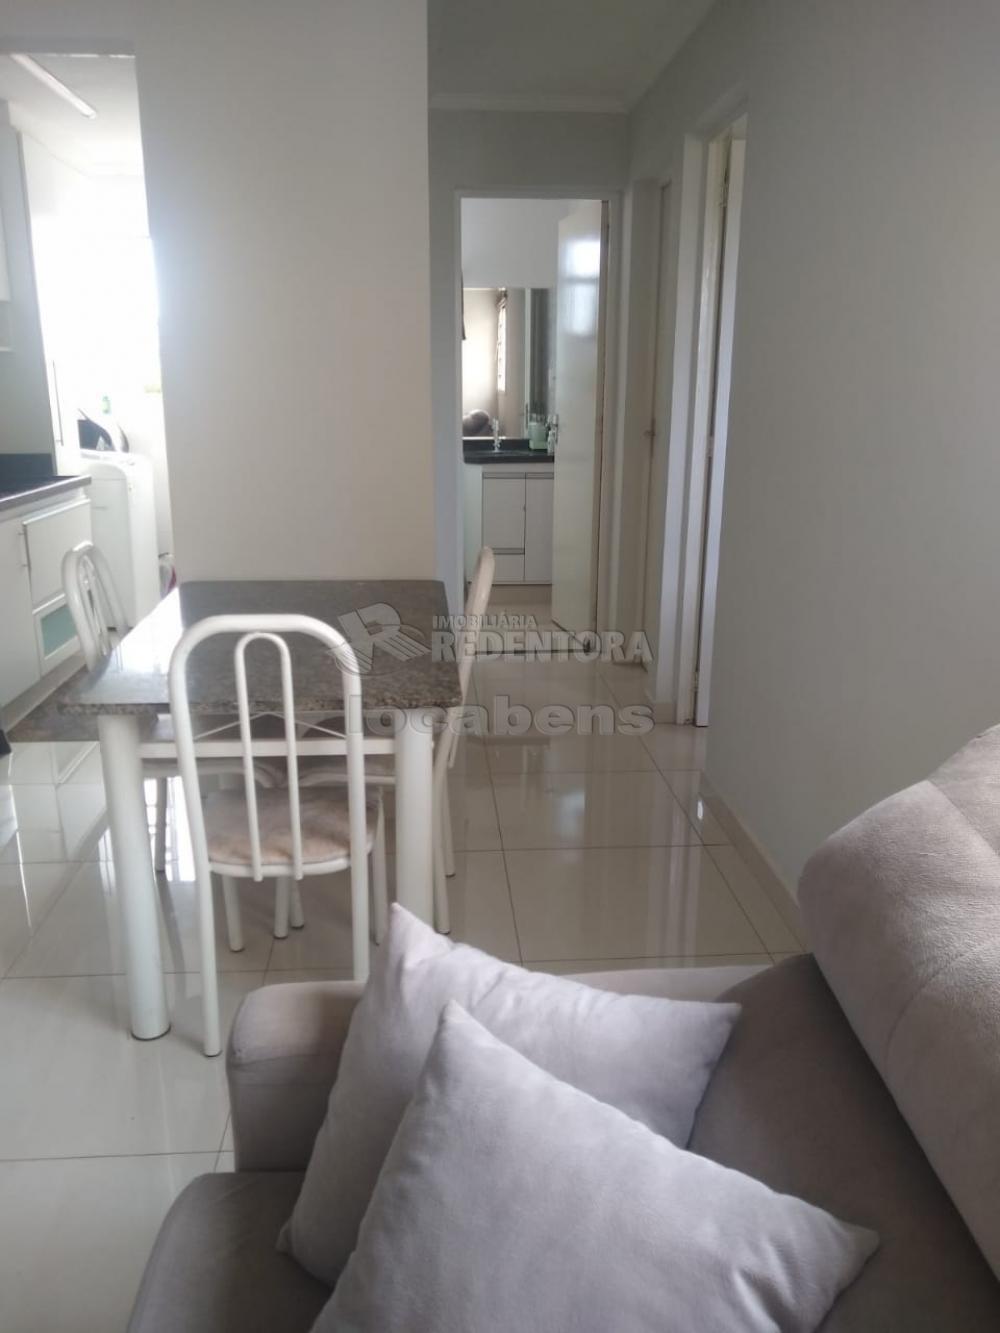 Comprar Apartamento / Padrão em São José do Rio Preto R$ 165.000,00 - Foto 18